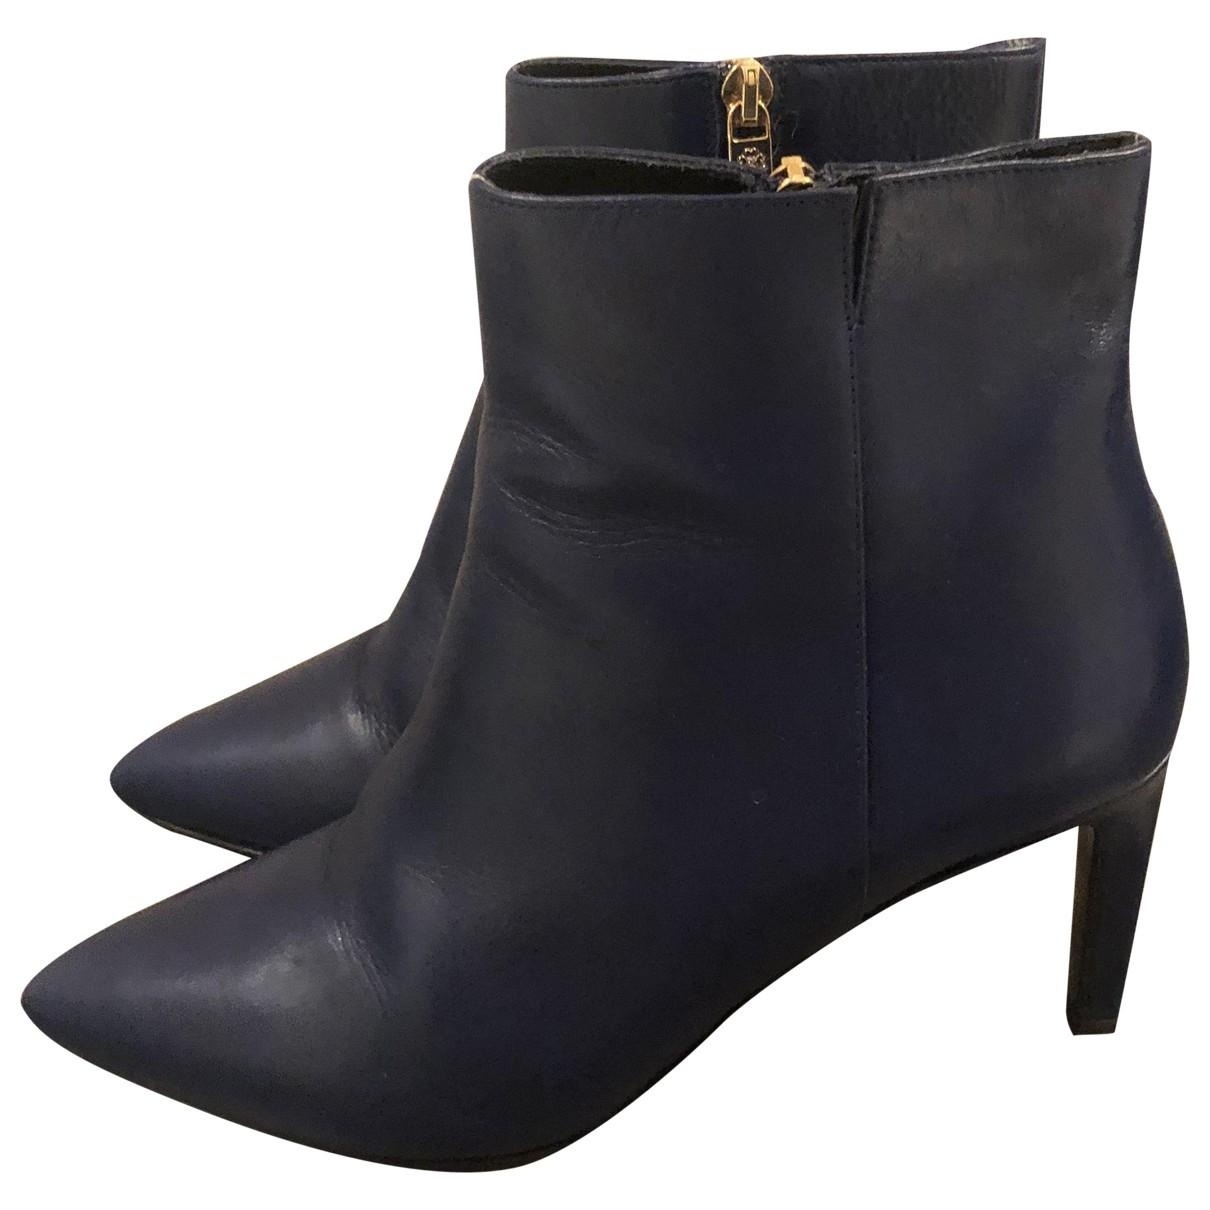 Lk Bennett \N Blue Leather Boots for Women 36 EU